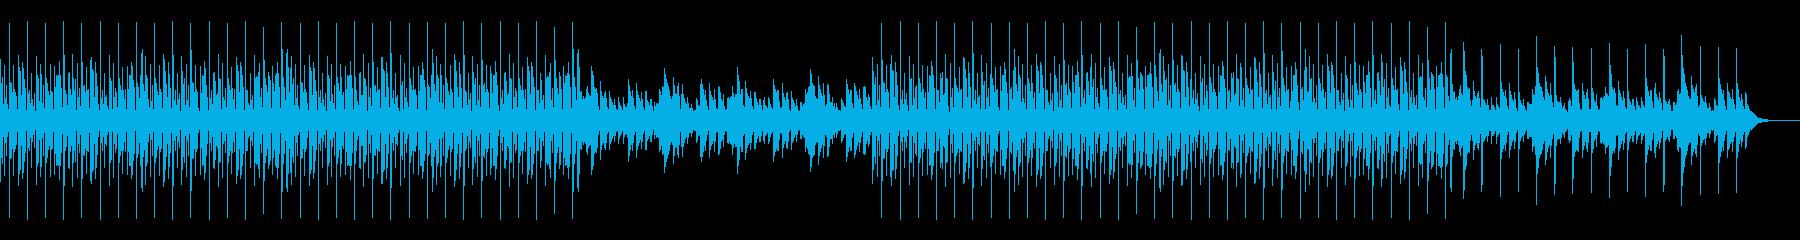 穏やか・優しい・ローファイ・ヒップホップの再生済みの波形